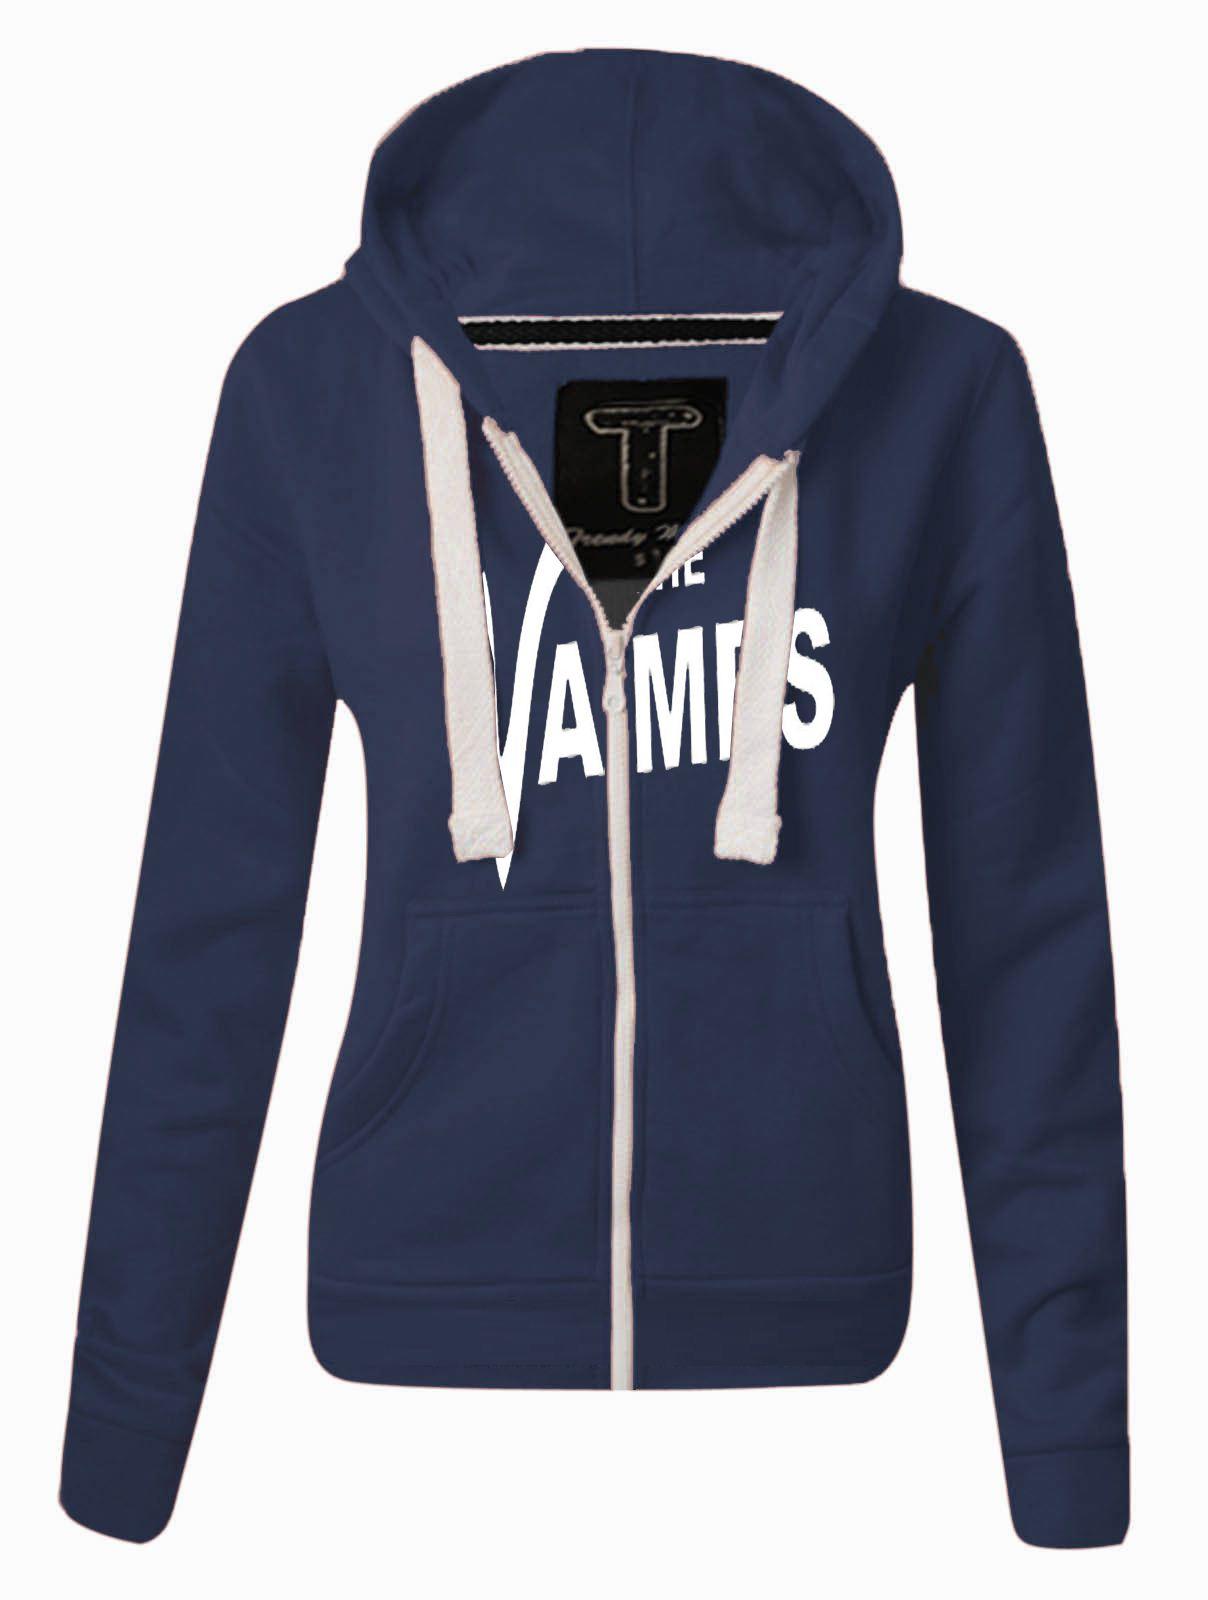 Womens The Vamps Hoodie Ladies ZIPPED Sweatshirt Top Jumper Jacket ... efd4ba917580